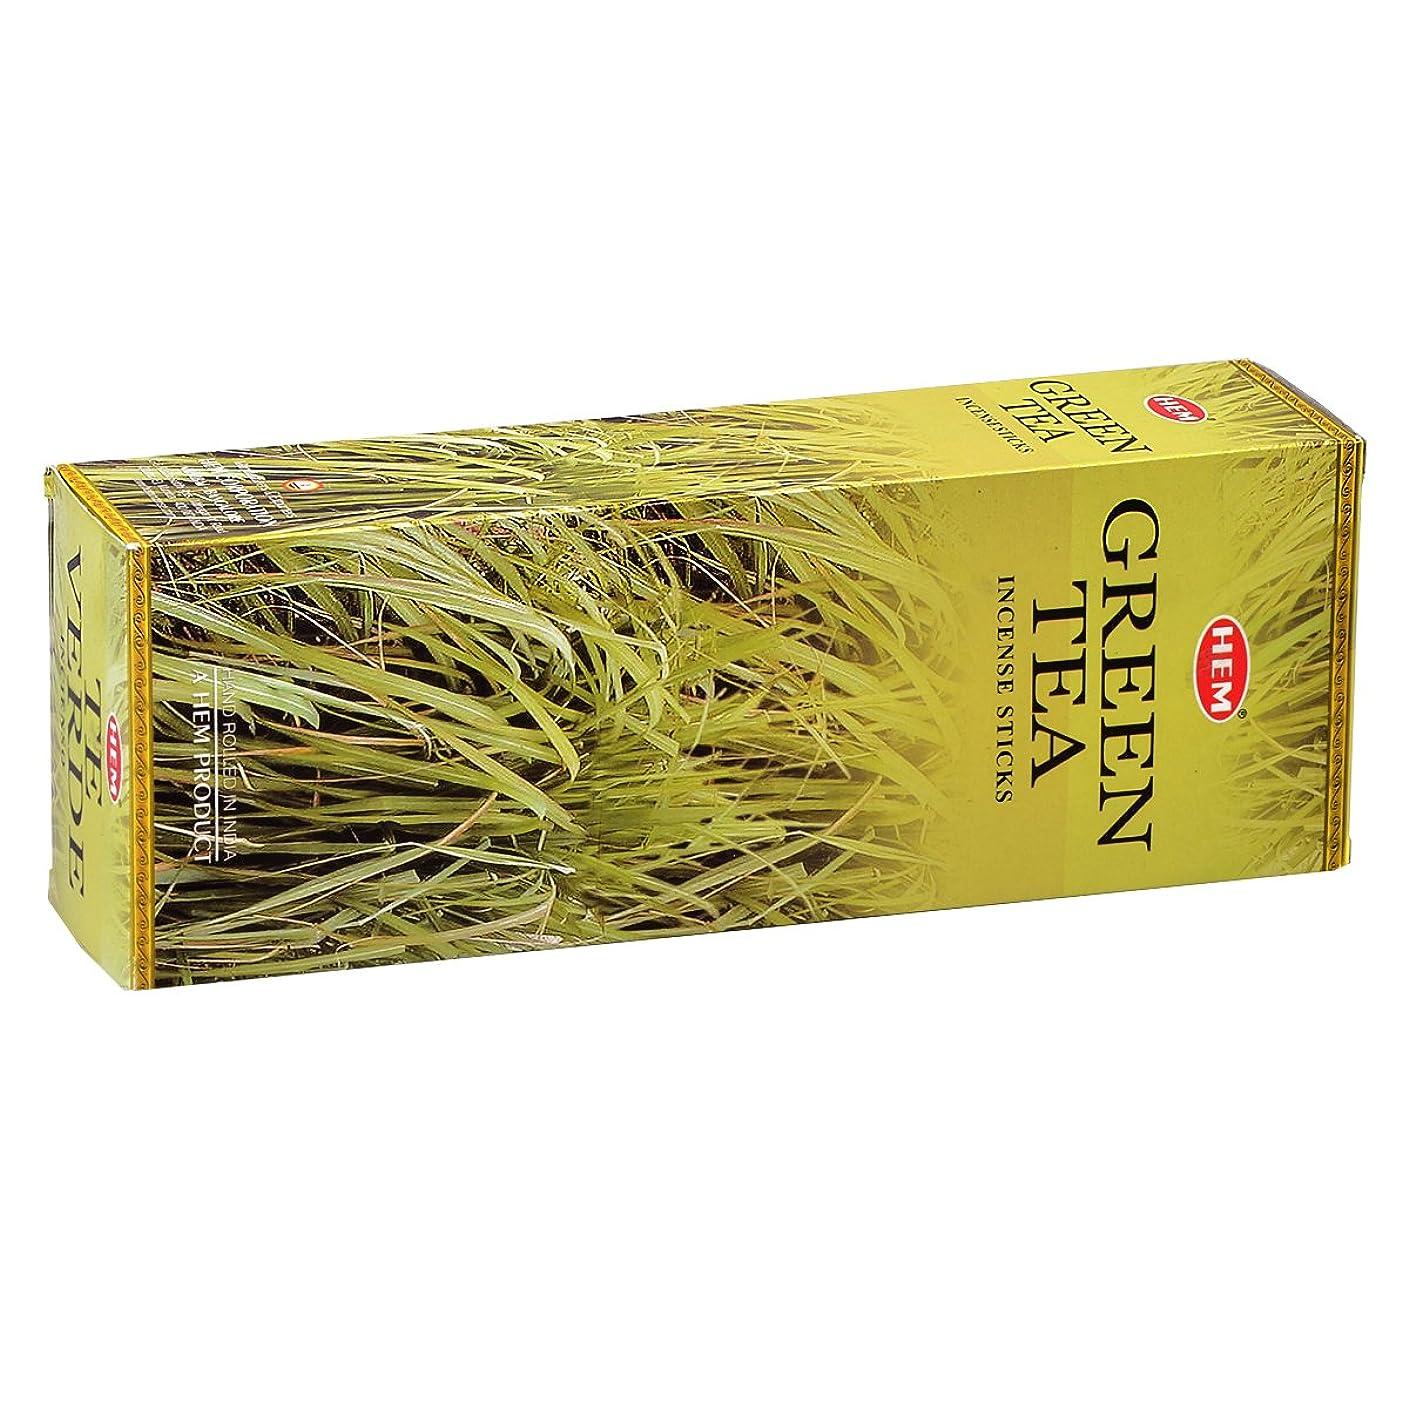 大理石病的ナイロンHEM(ヘム) グリーン ティー GREEN TEA スティックタイプ お香 6筒 セット [並行輸入品]